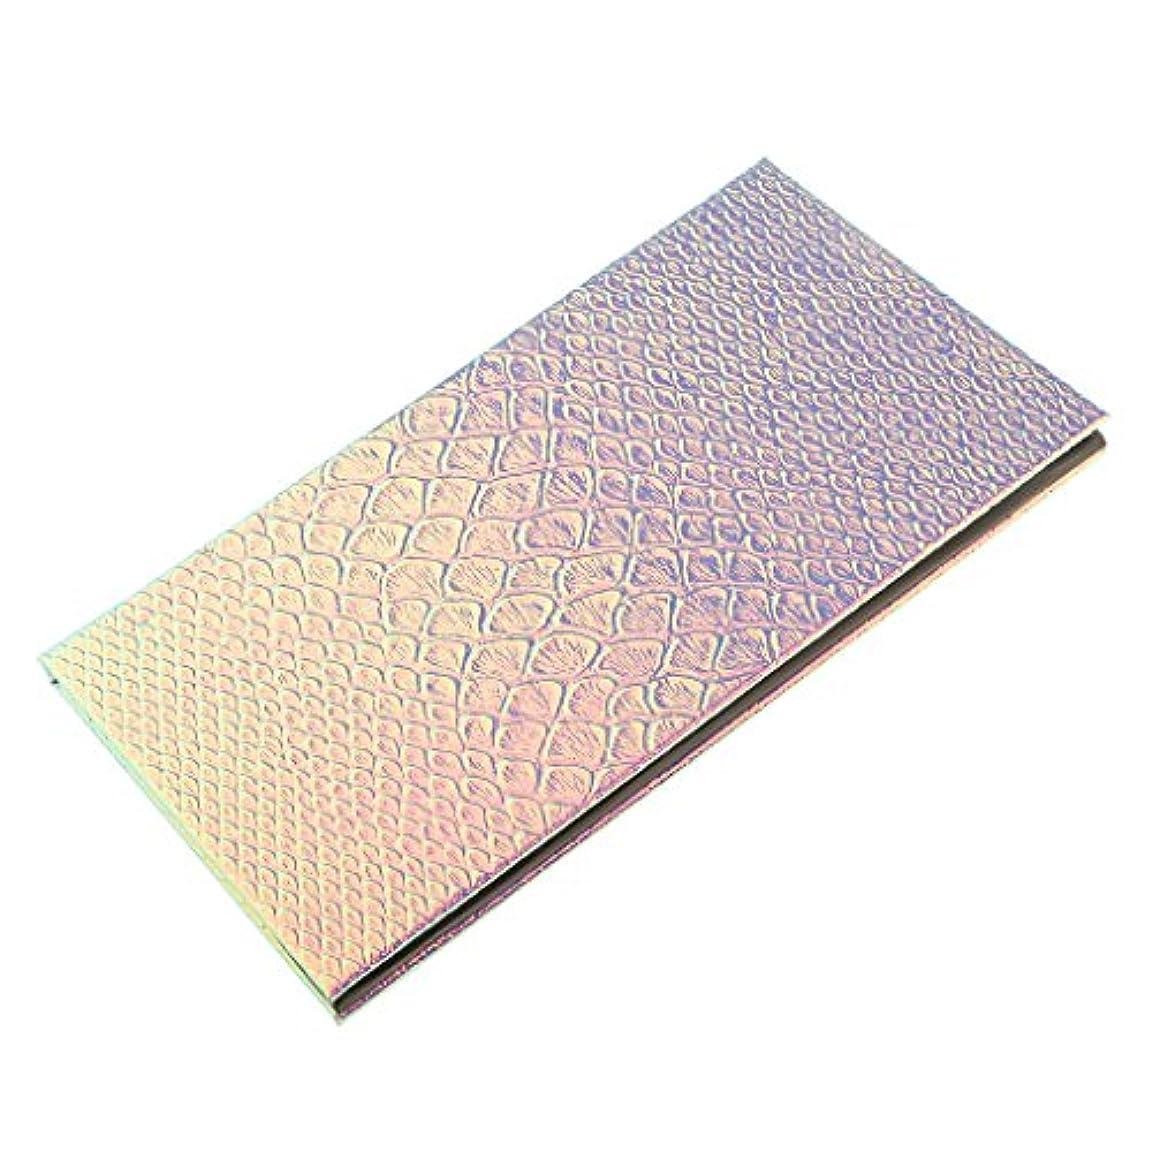 麻痺させる証人ページ磁気パレットボックス 空の磁気パレット メイクアップ 化粧 コスメ 収納 ボックス 全2サイズ選べ - 18x10cm